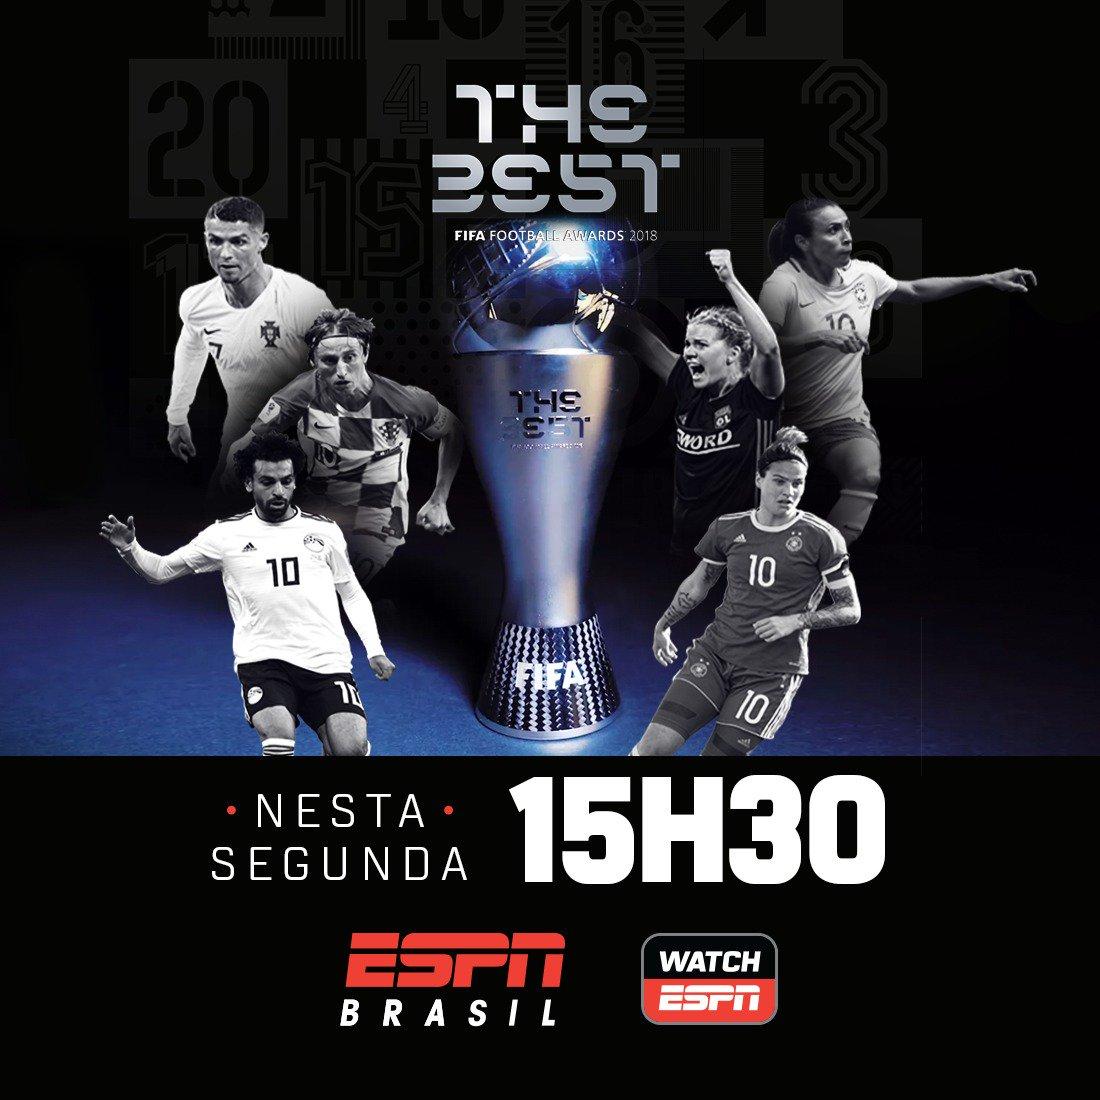 QUEM SERÁ O MELHOR DO MUNDO?  HOJE, a partir das 15h30, assista ao The Best Fifa Football Awards AO VIVO na ESPN Brasil e WatchESPN!  #TudoPeloFutebol